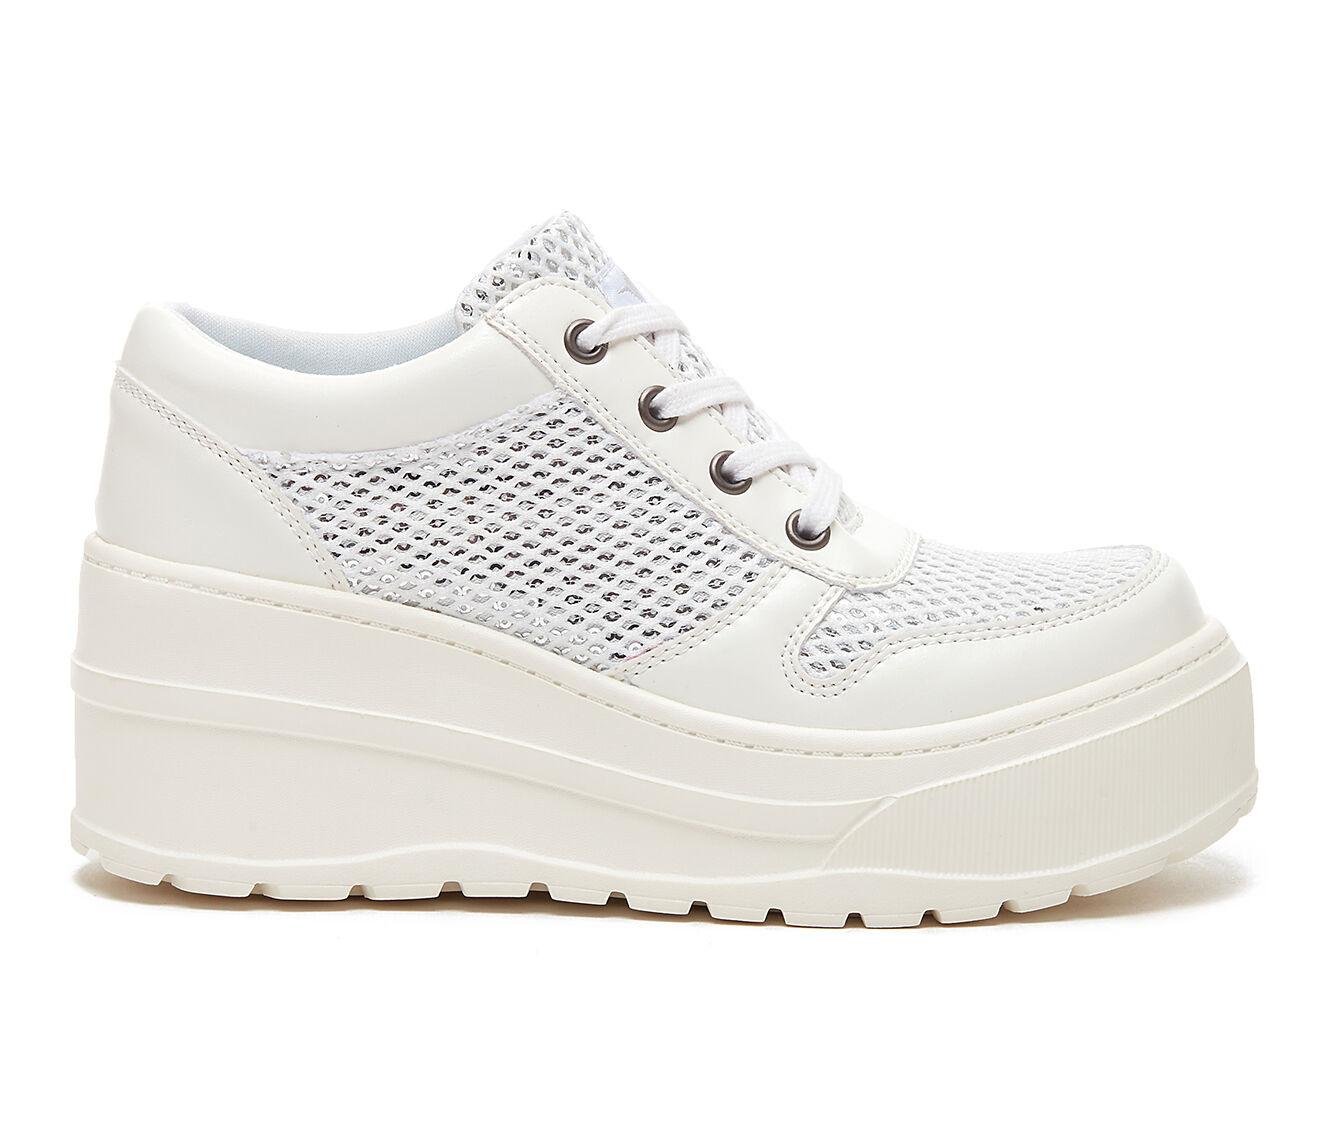 Women's Rocket Dog Cosmic Platform Sneakers White Smooth